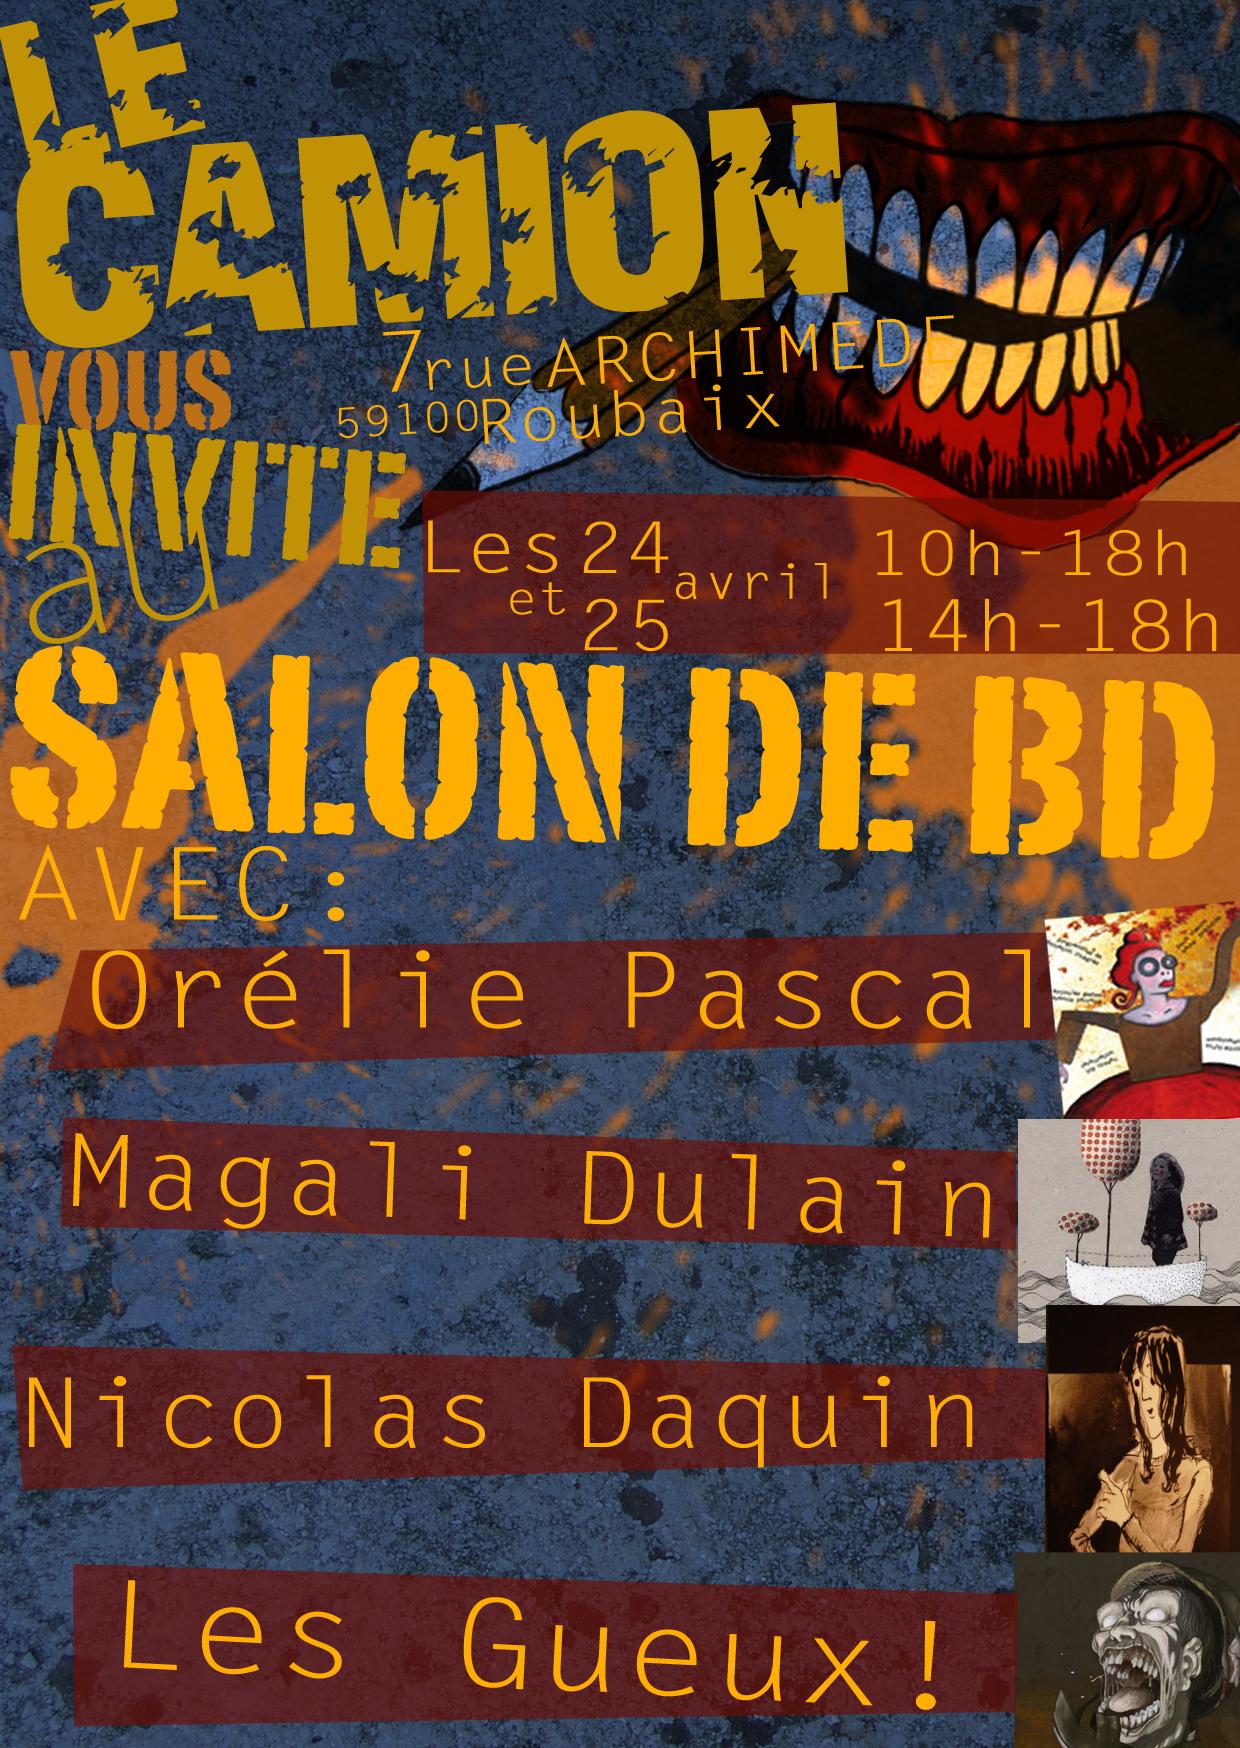 Salon de la bd 2010